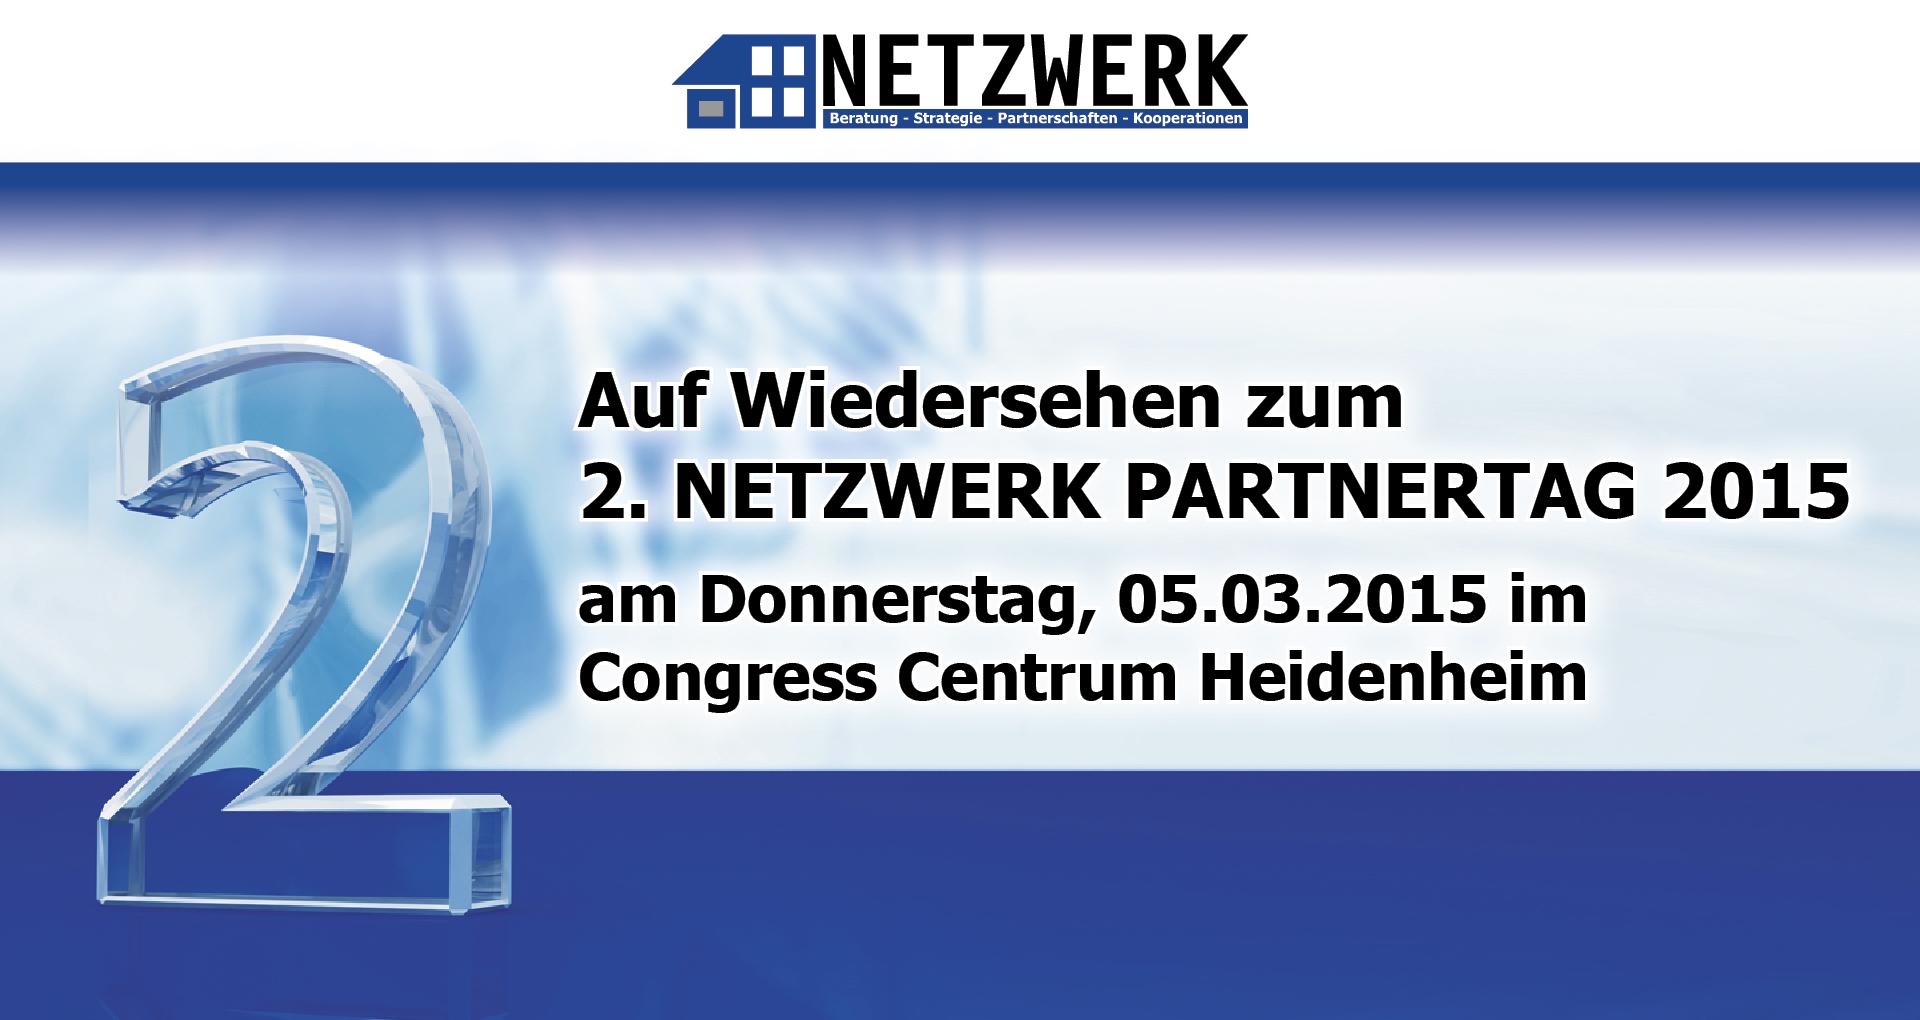 Auf Wiedersehen zum 2. NETZWERK Partnertag 2015